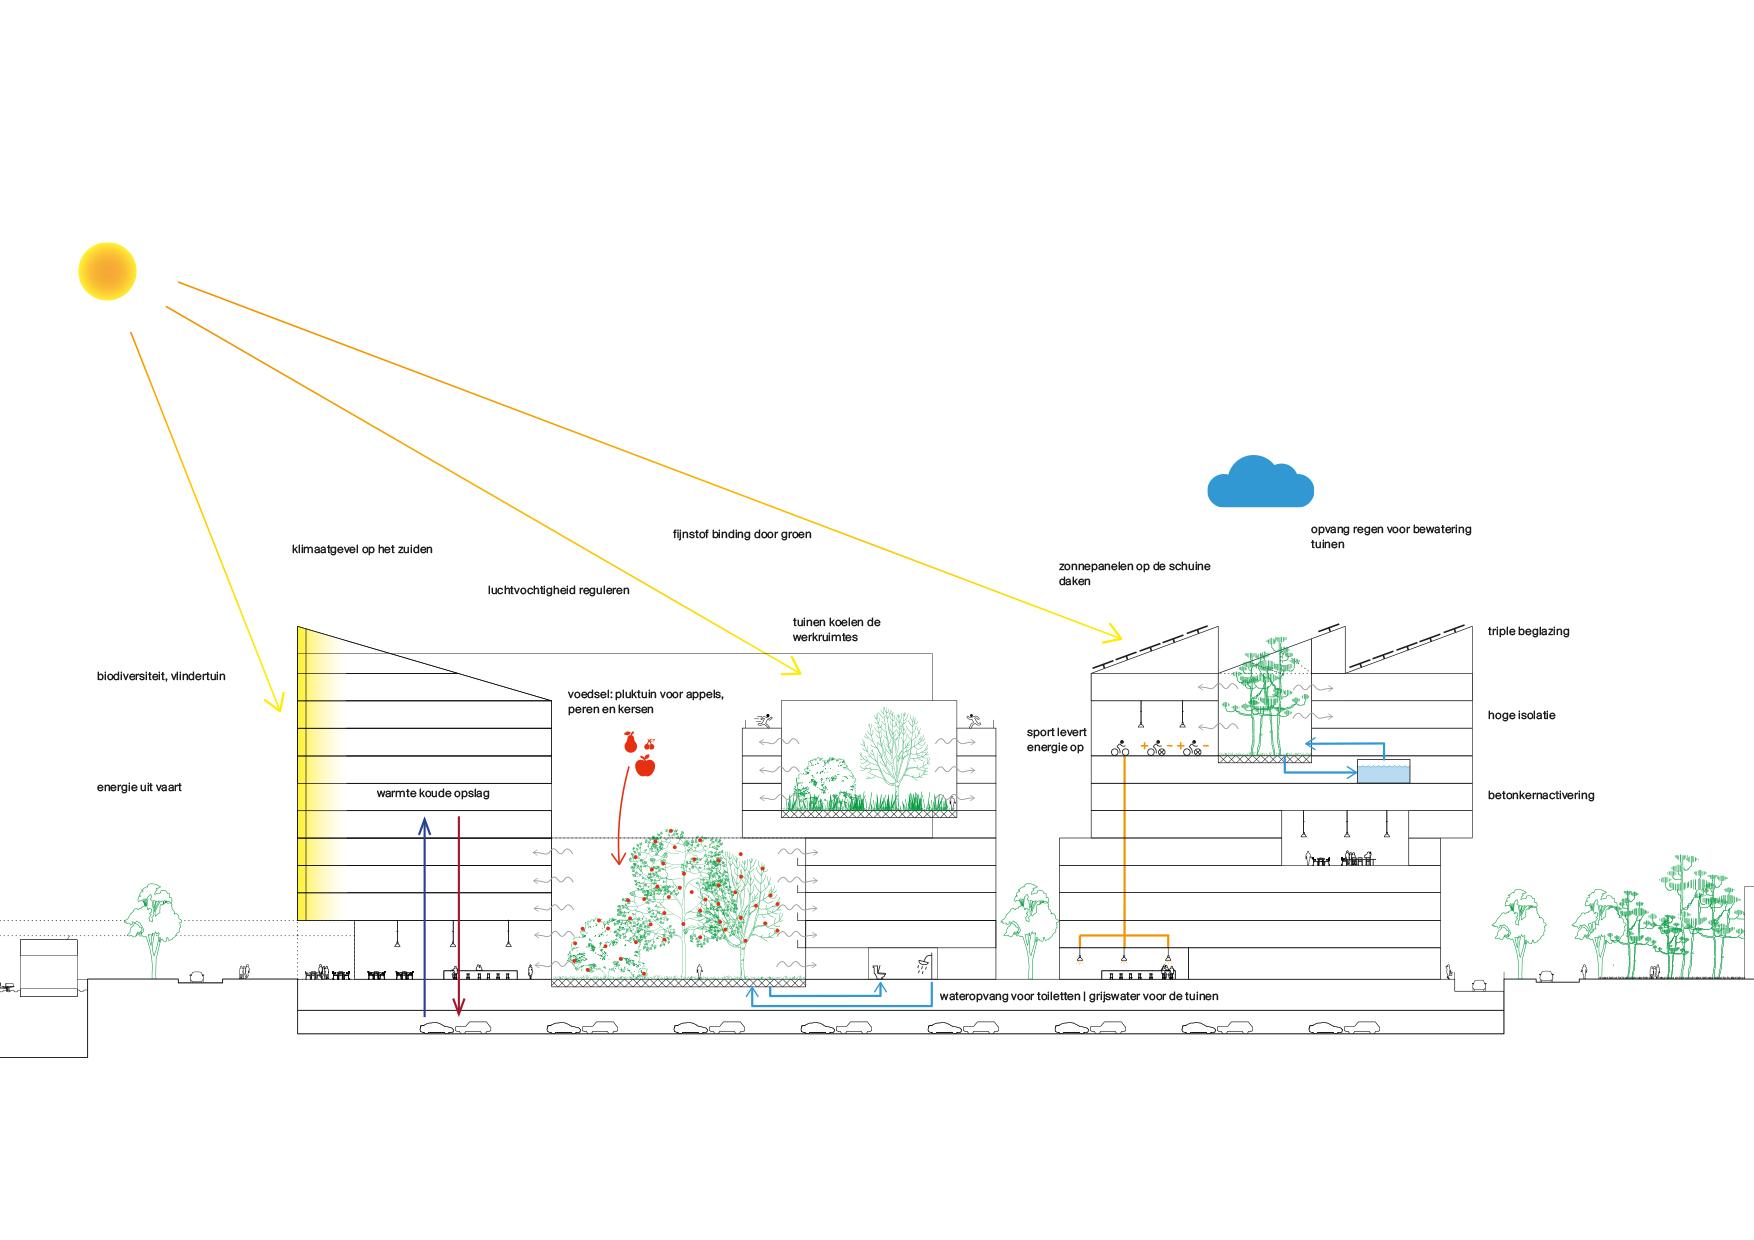 <p>8 hortussen van Palmenkas tot Vlindertuin, altijd gekoppeld aan een multifunctionele dubbel hoge ruimte</p>